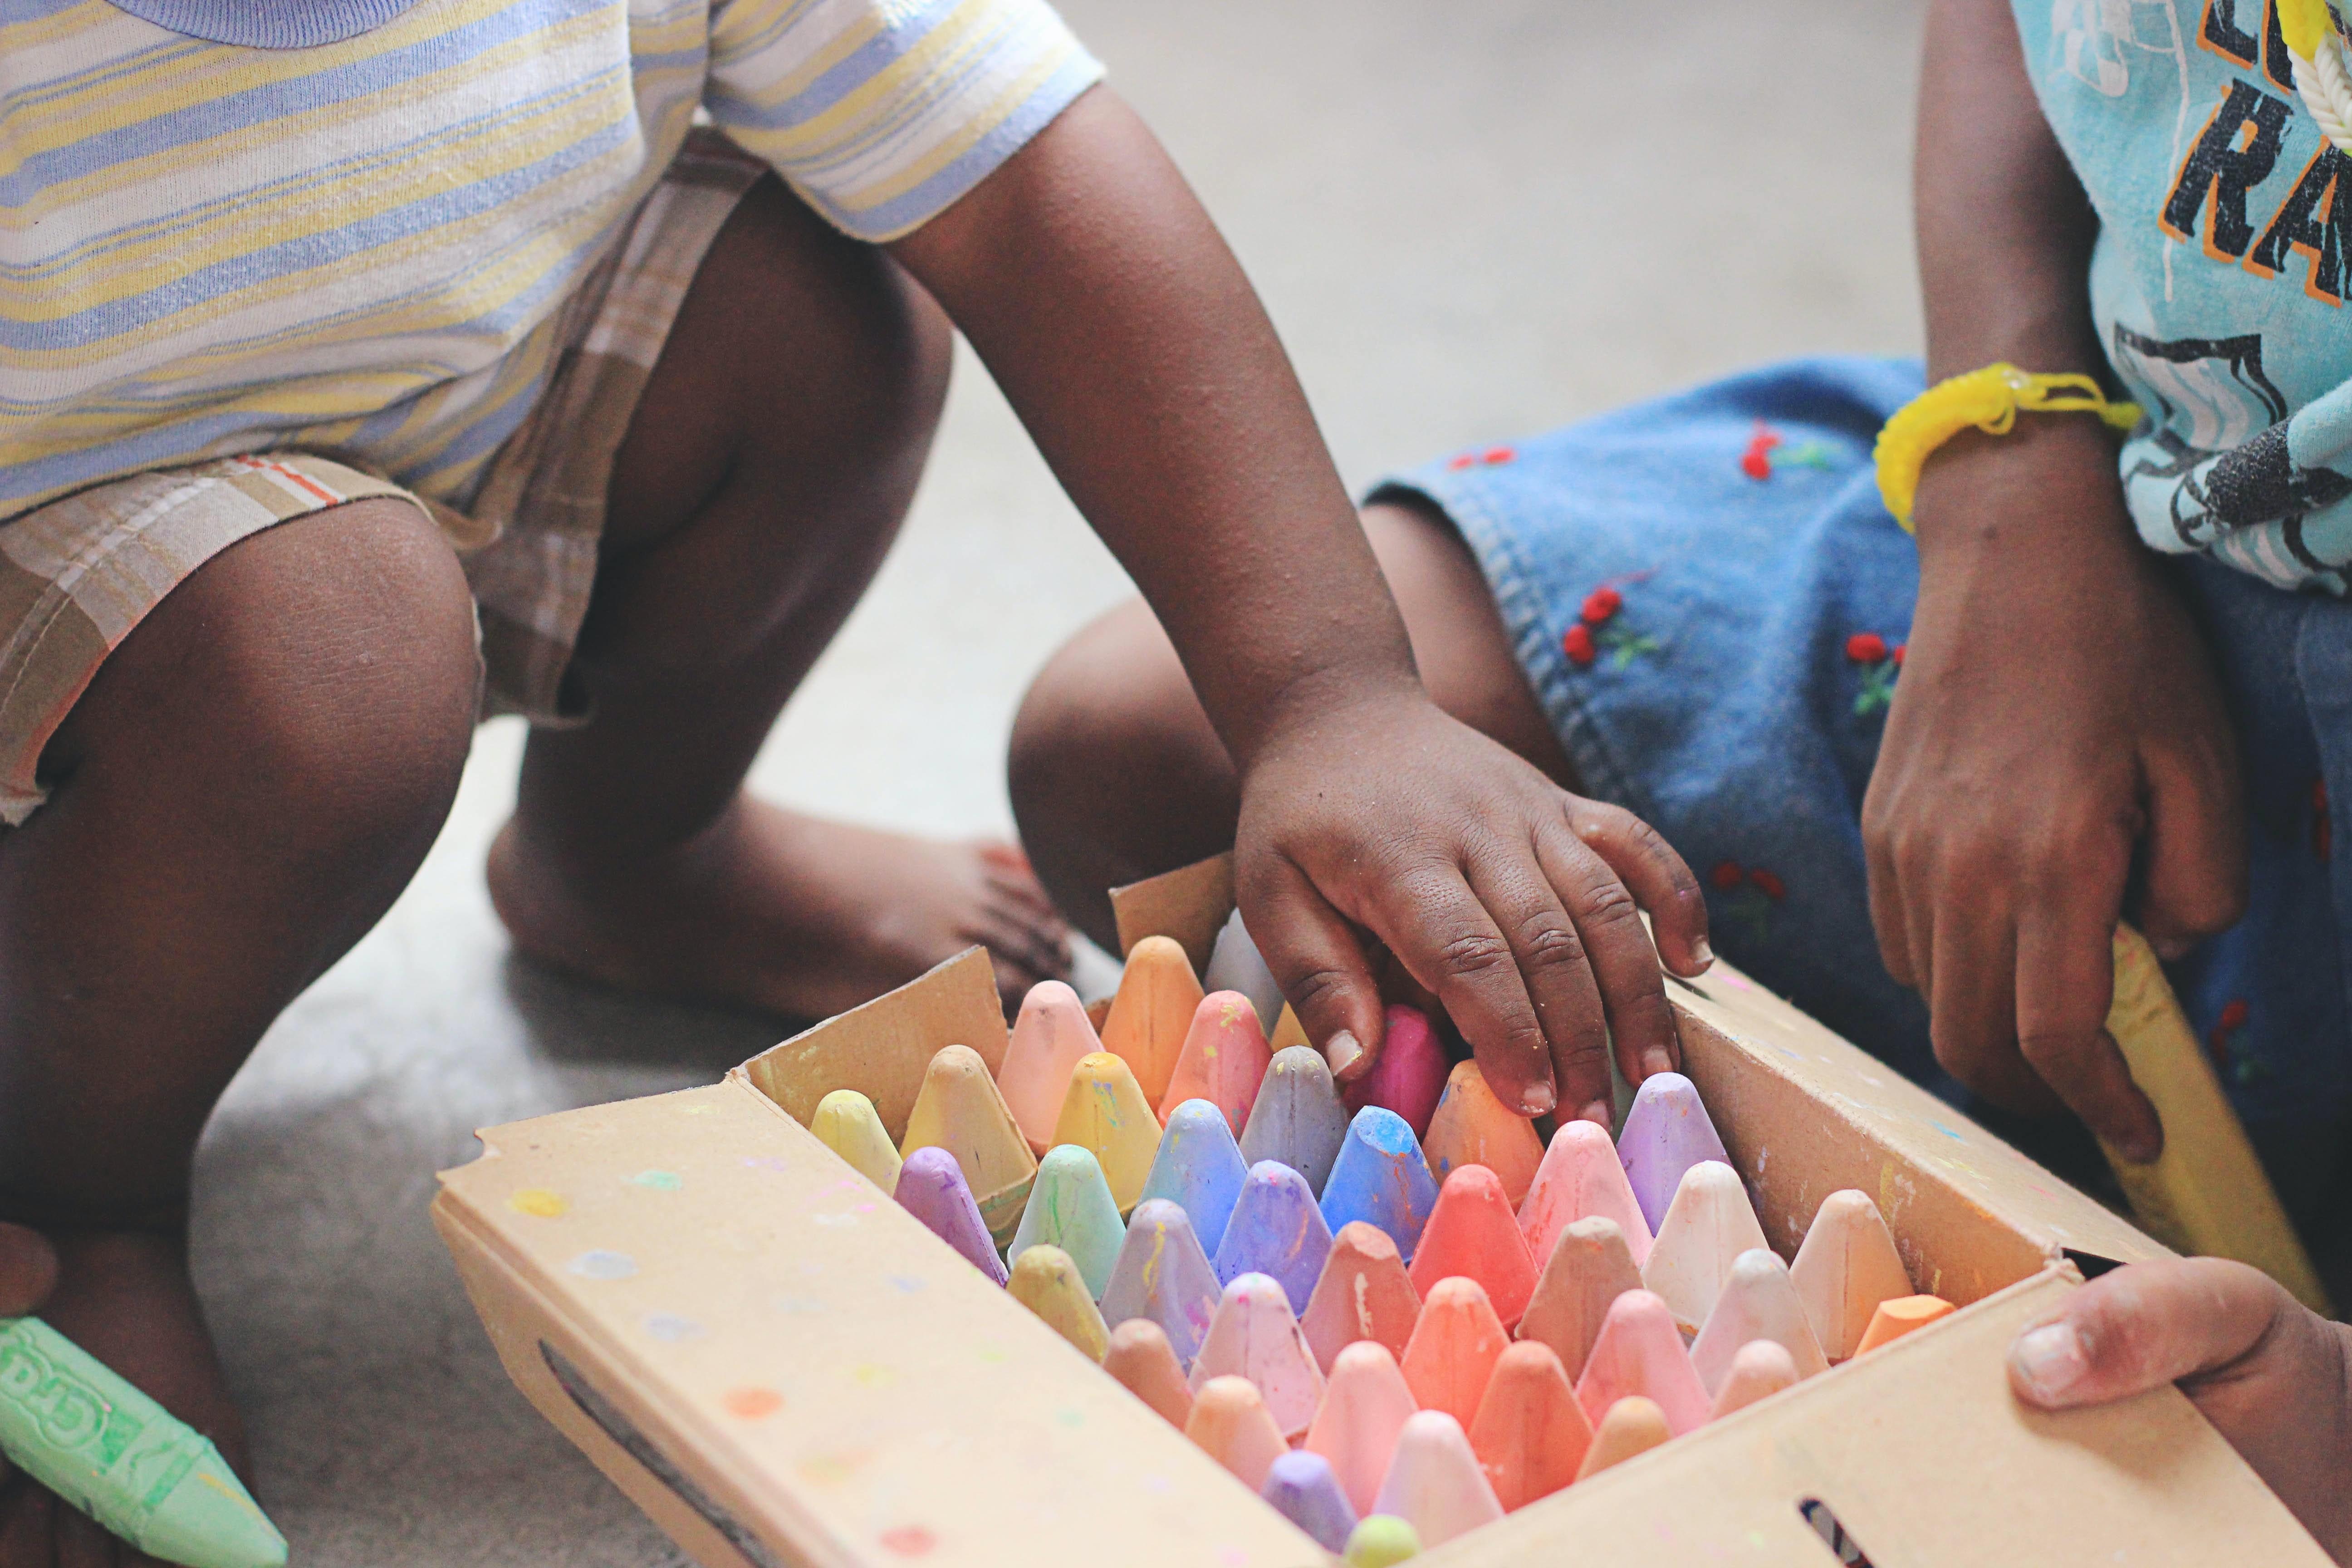 Two children sharing sidewalk chalk.